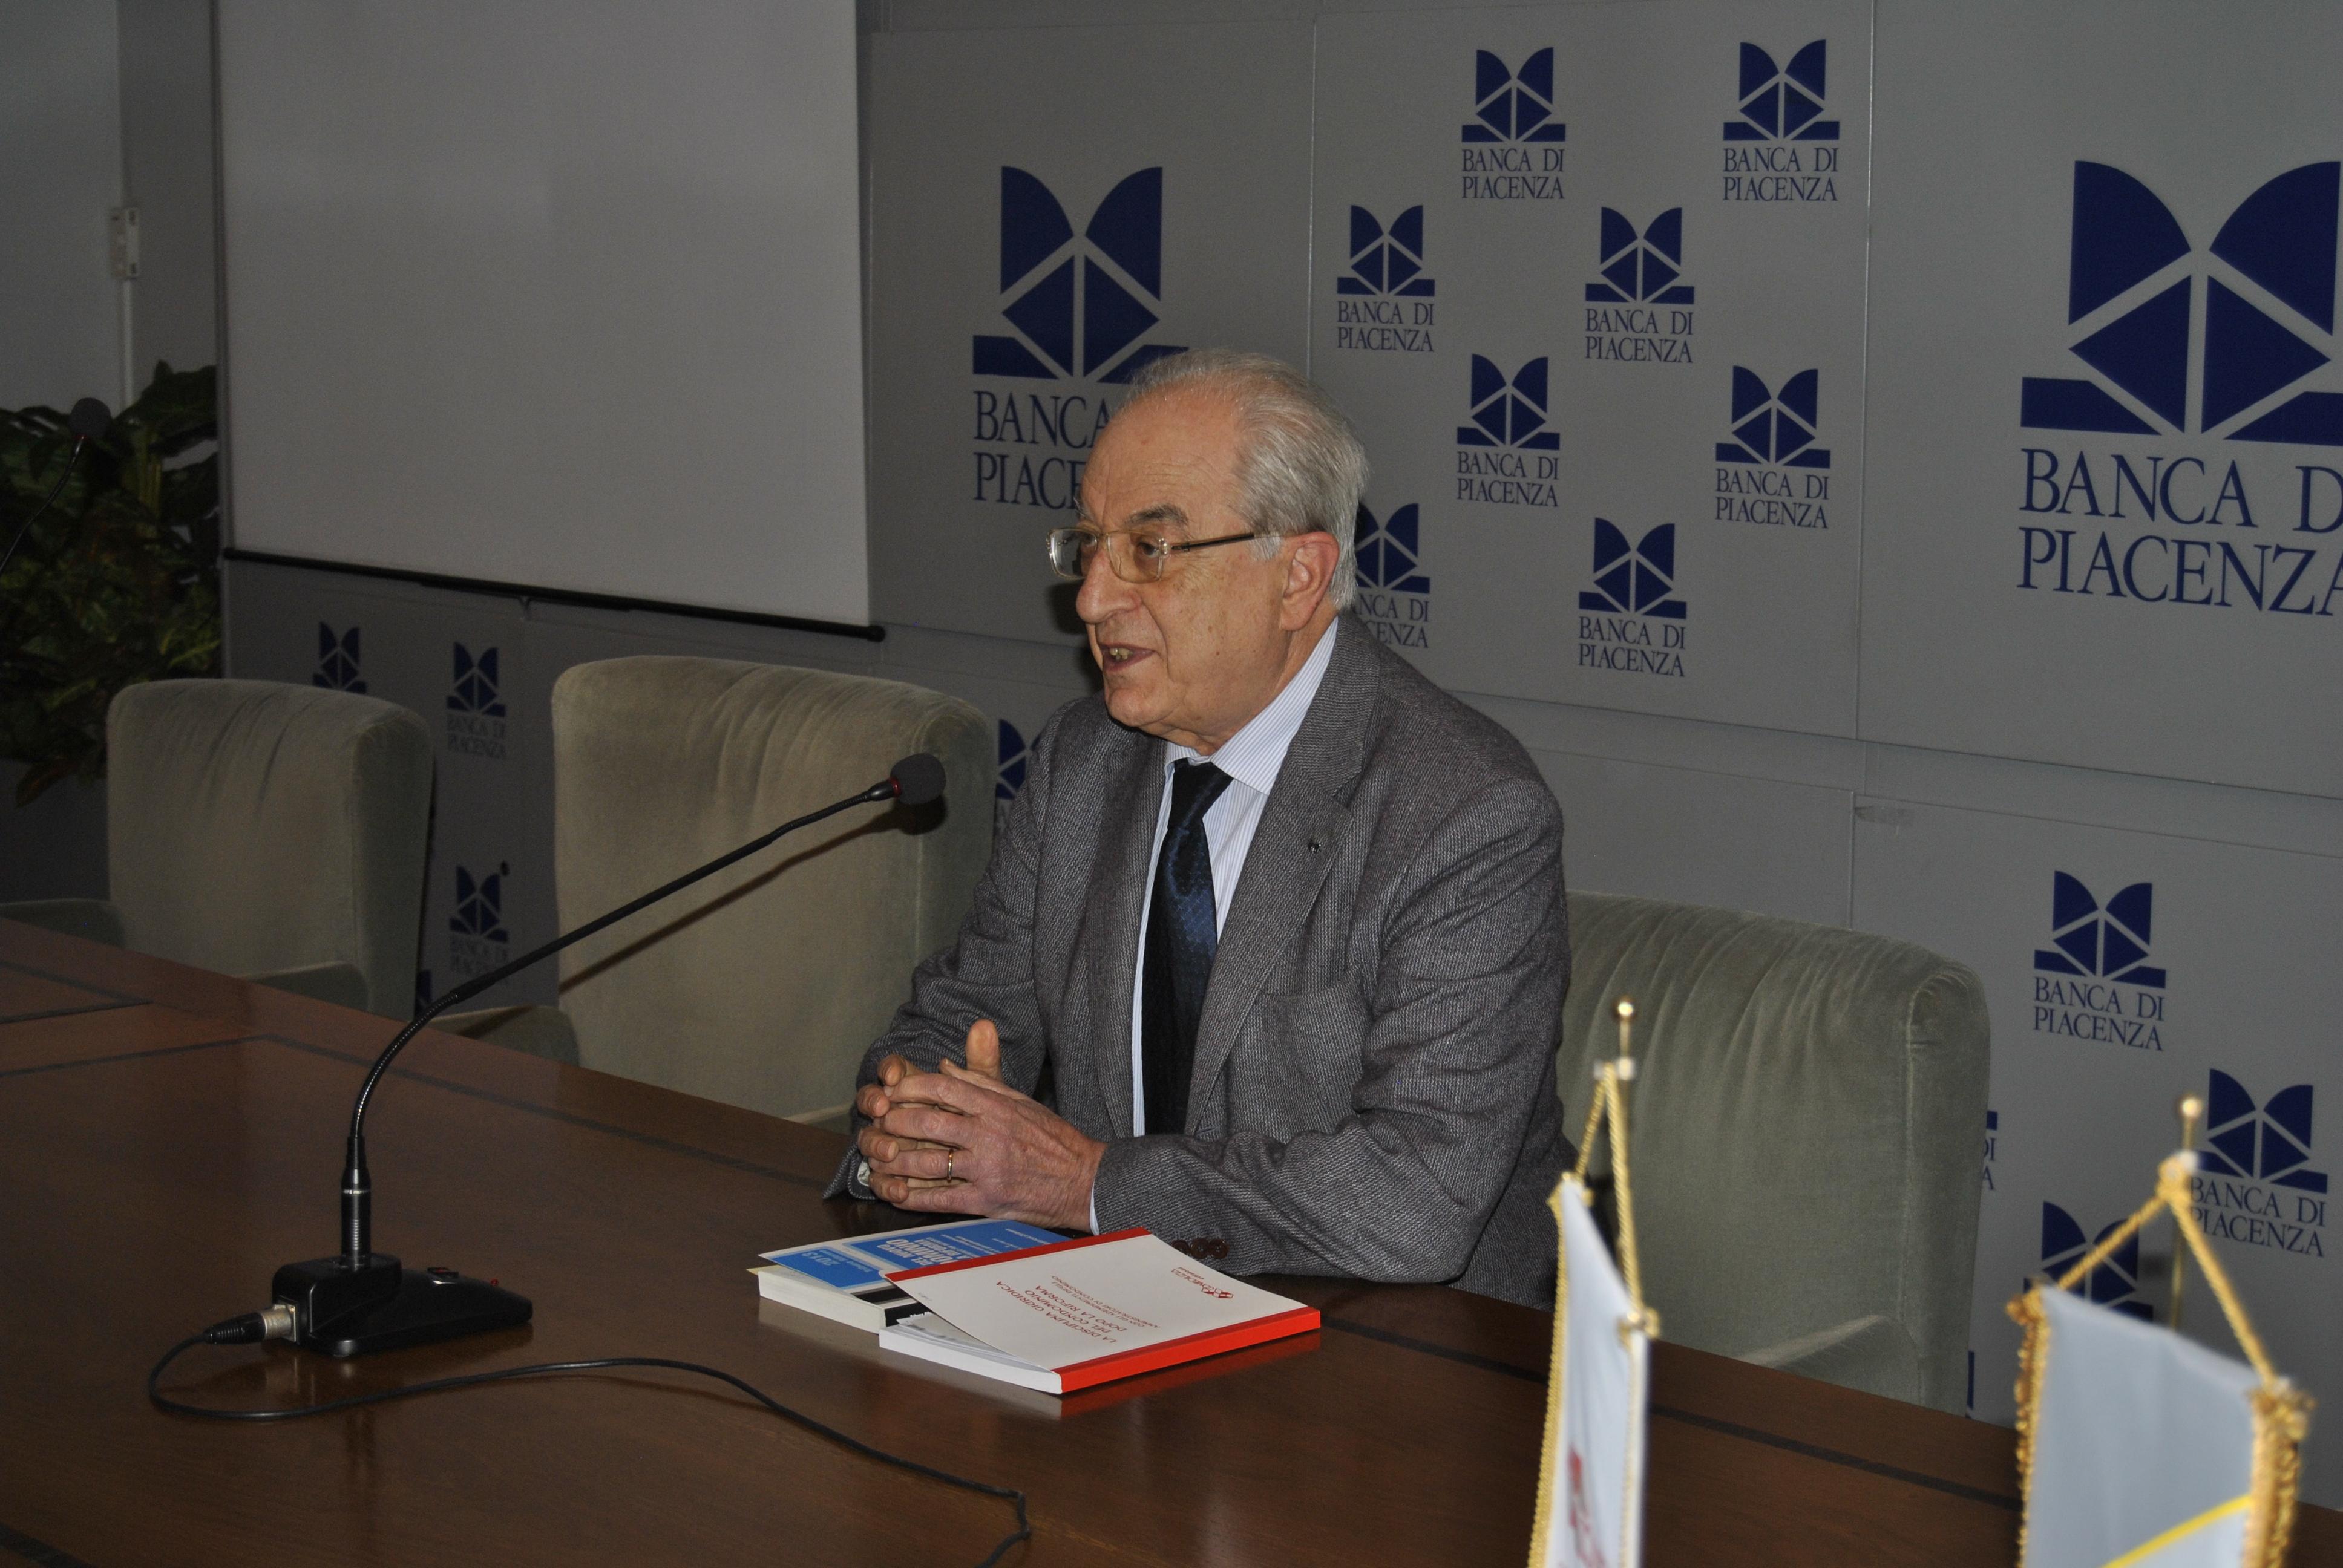 Corrado Sforza Fogliani